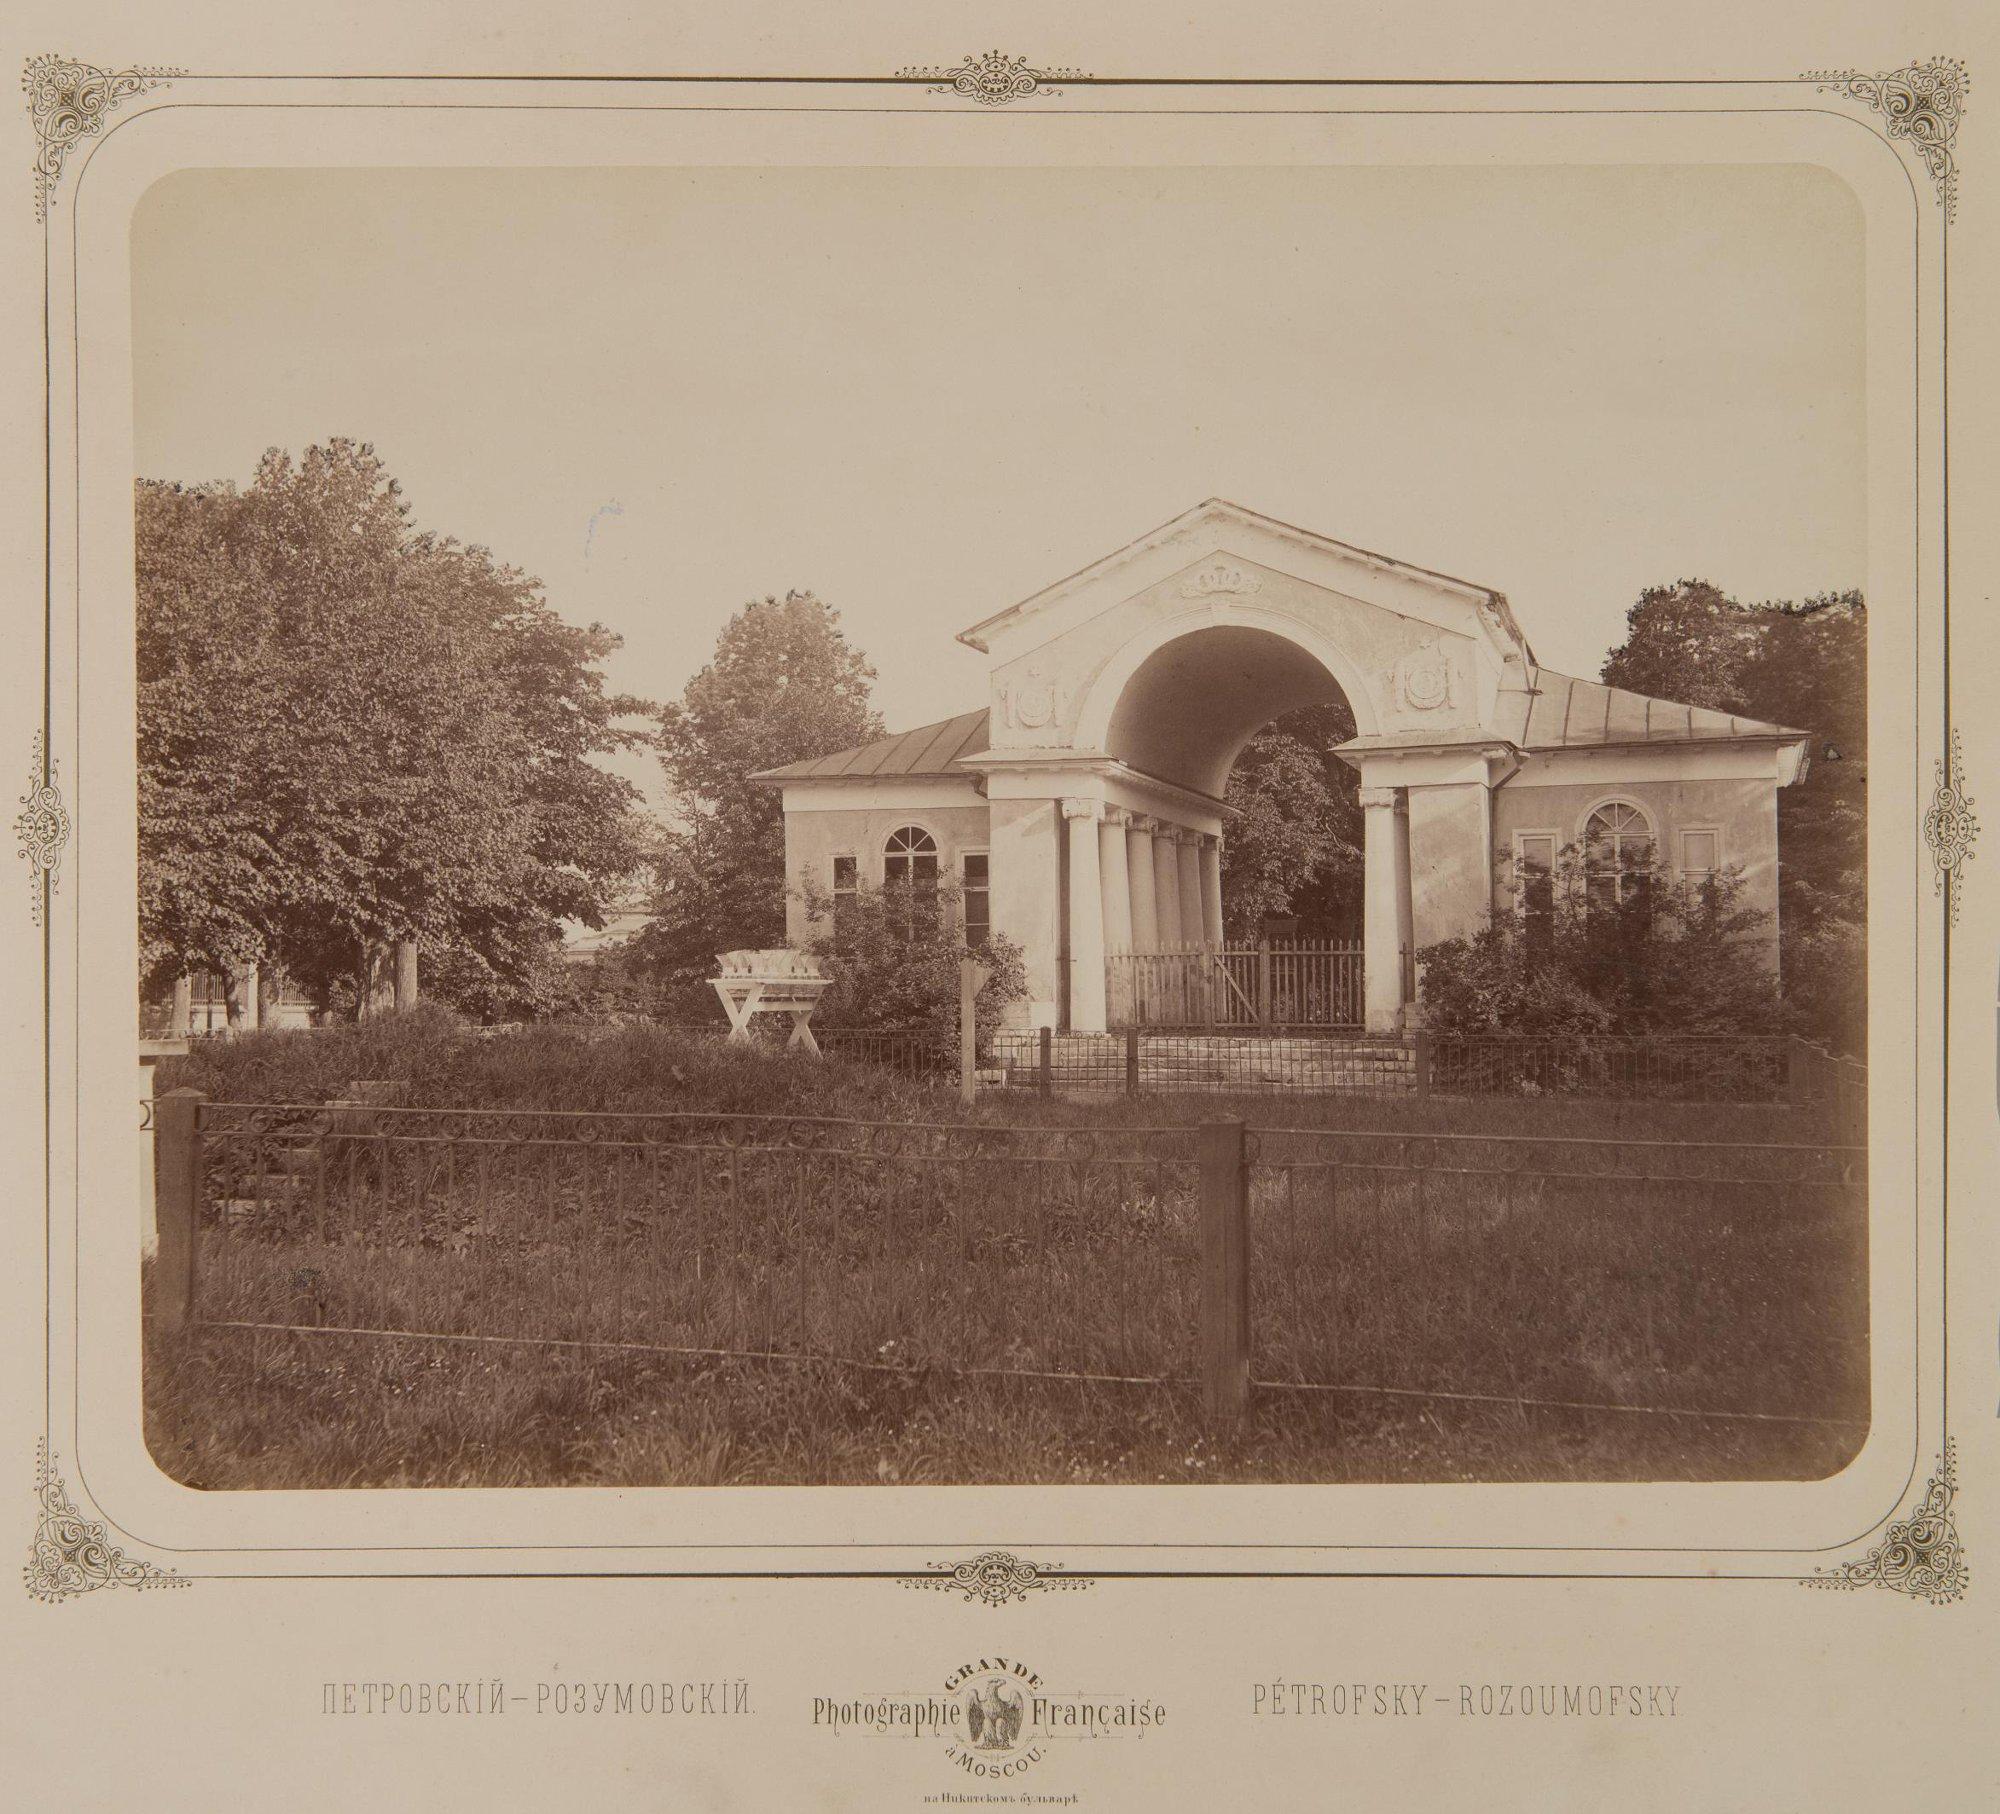 1870-е. Петровско-Разумовское, Павильон в парке